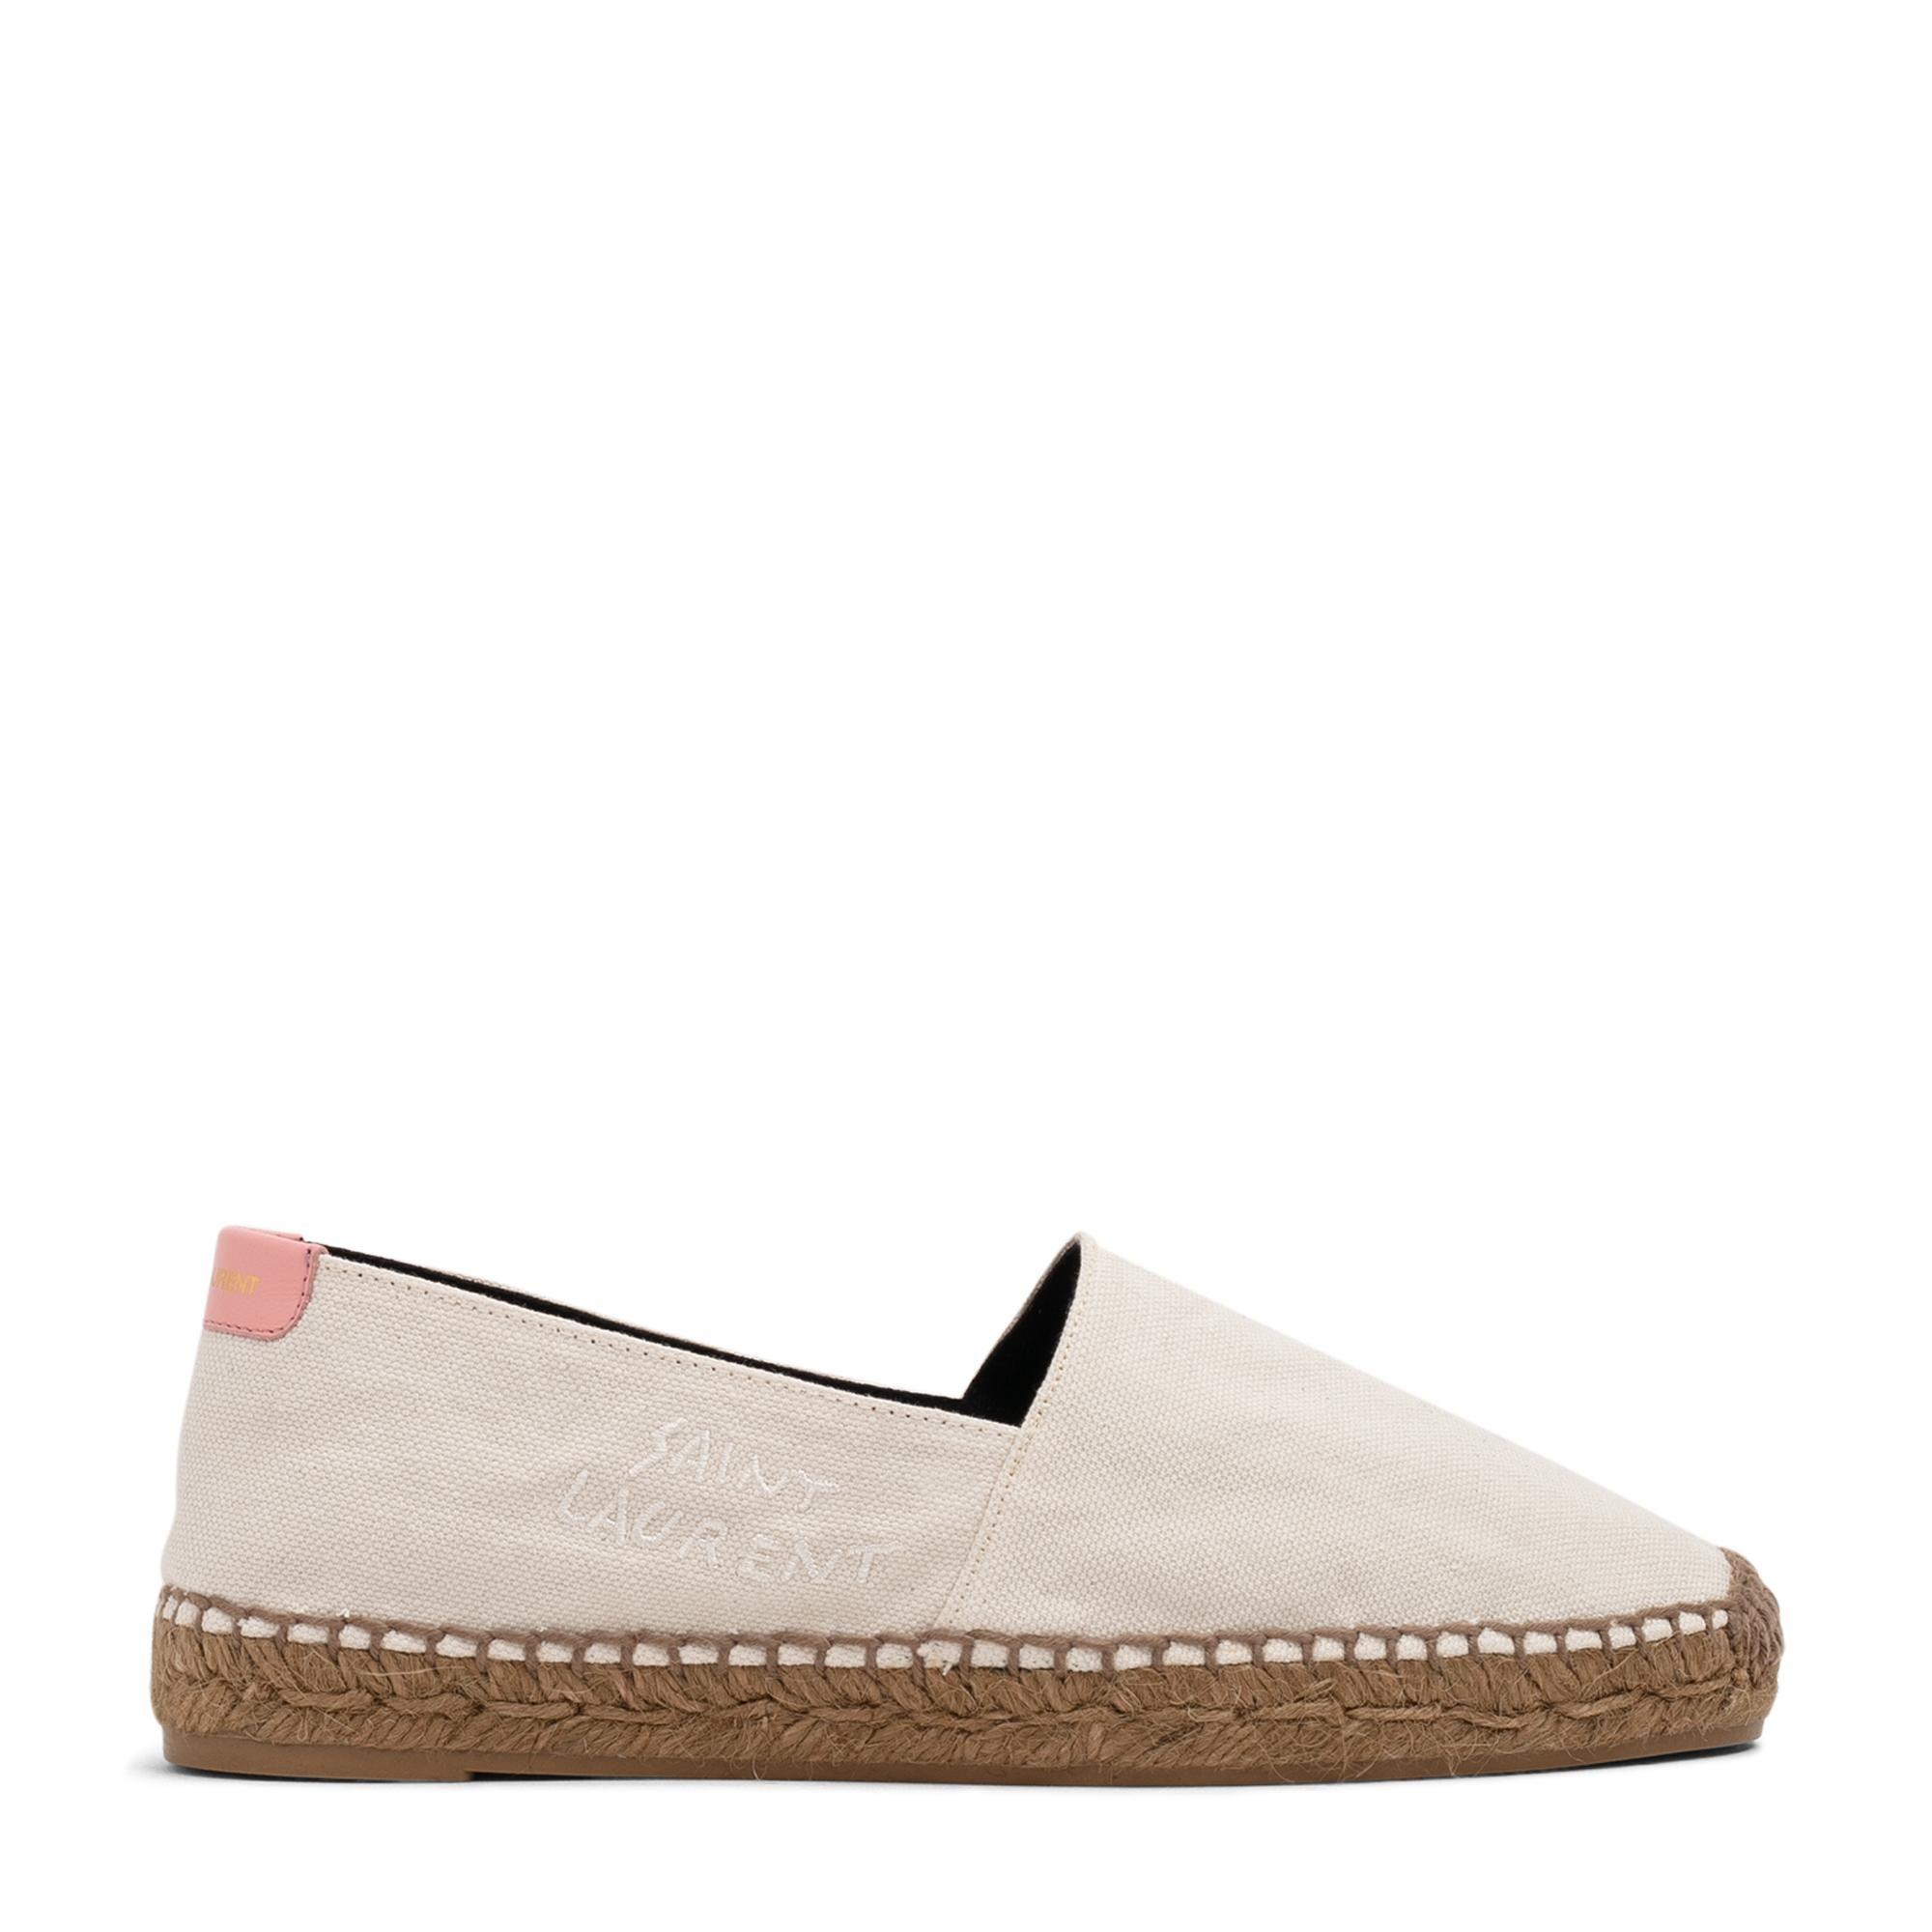 حذاء اسپادريل من الكانڤاس